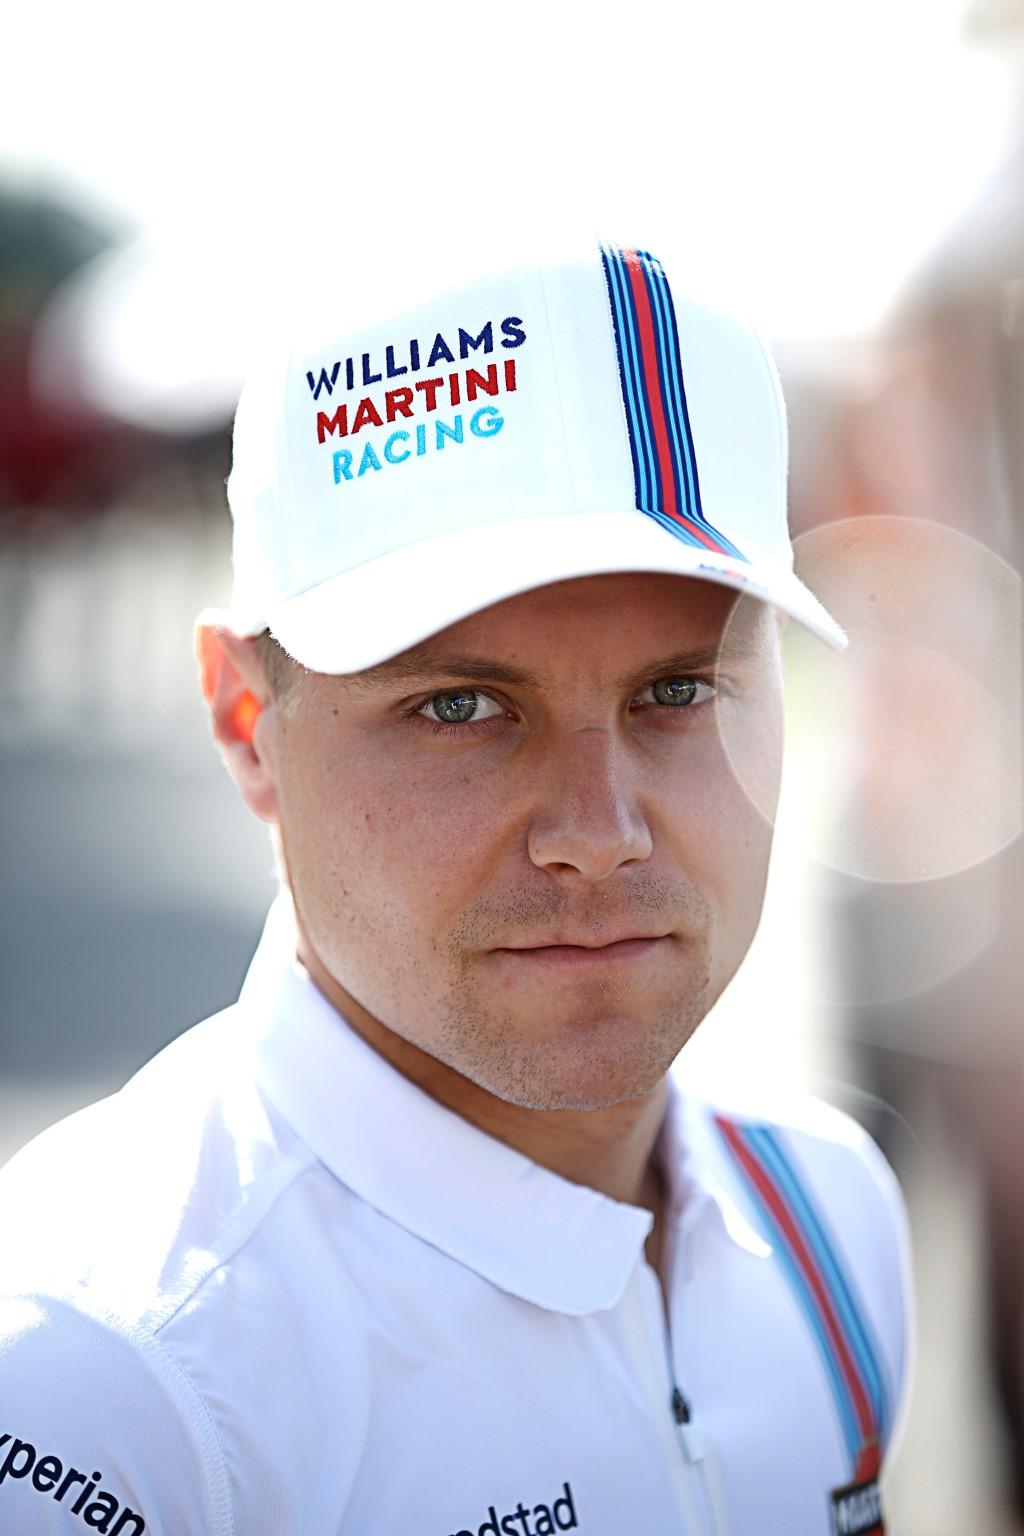 Valtteri Bottas information & statistics | F1 Fansite